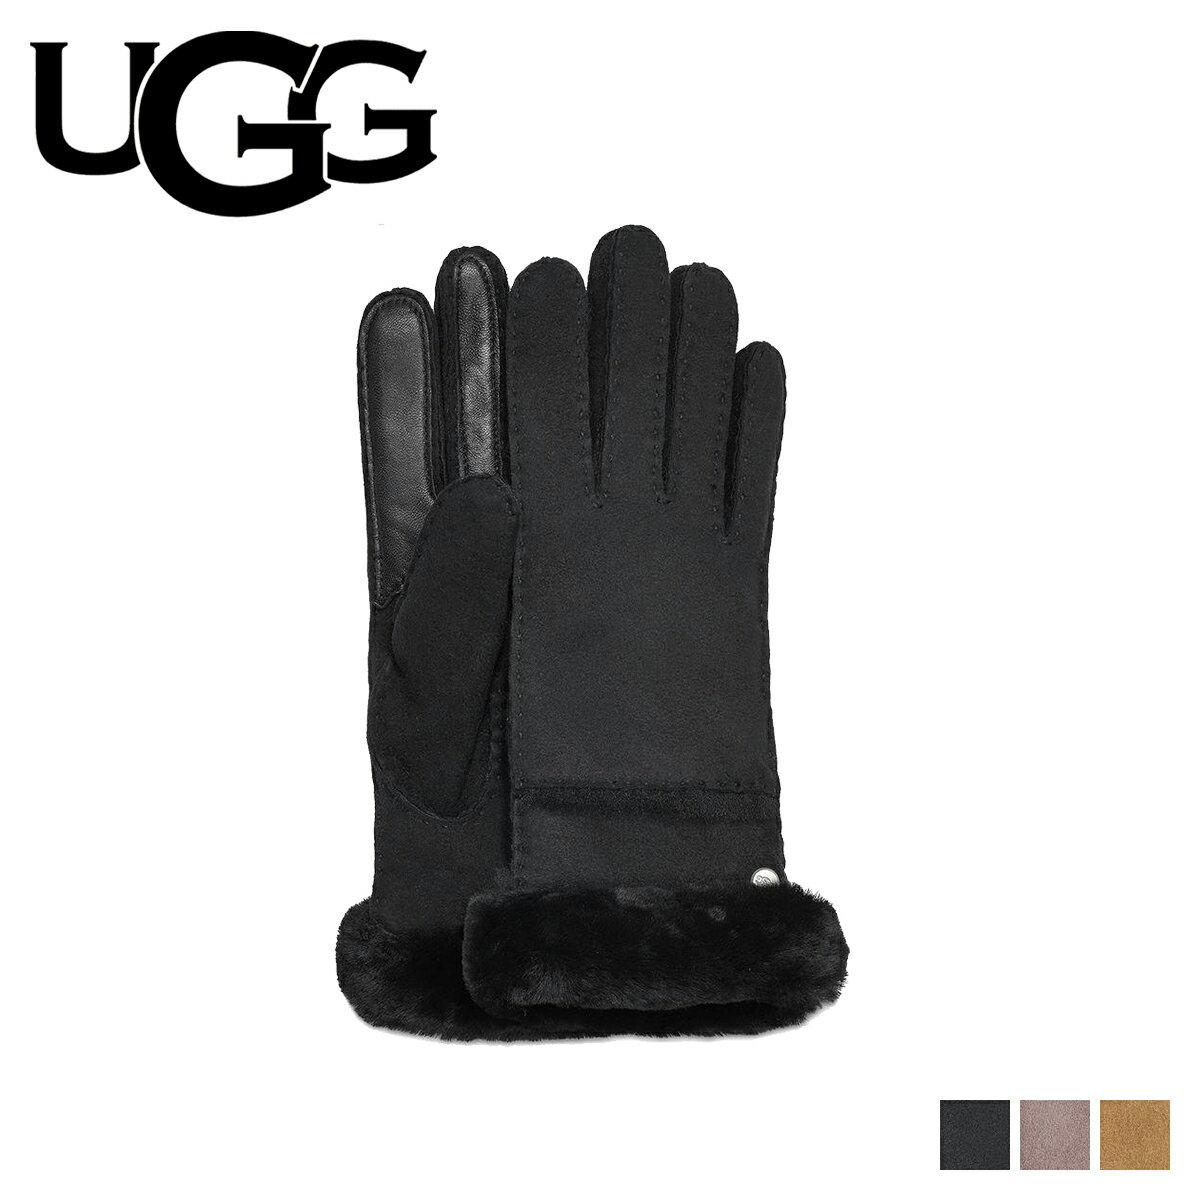 アグ UGG 手袋 グローブ レディース SEAMED TECH GLOVE スマホ対応 ブラック グレー ブラウン 17371BX [12/27 新入荷]